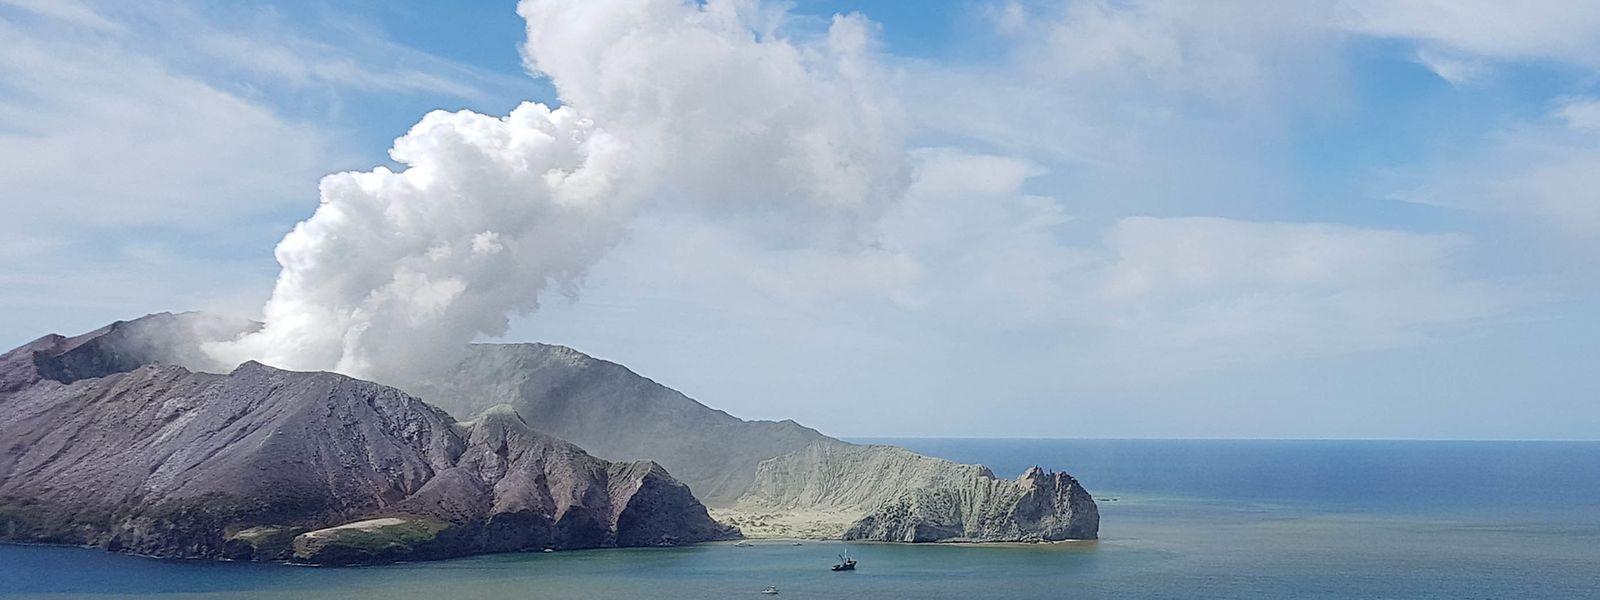 Dieses vom Auckland Rescue Helicopter Trust am 09.12.2019 zur Verfügung gestellte Foto zeigt einen rauchenden Vulkan auf der White Island. Aus dem Tagesausflug auf eine Vulkaninsel vor der Küste Neuseelands ist möglicherweise für etwa ein Dutzend Urlauber ein tödliches Abenteuer geworden.